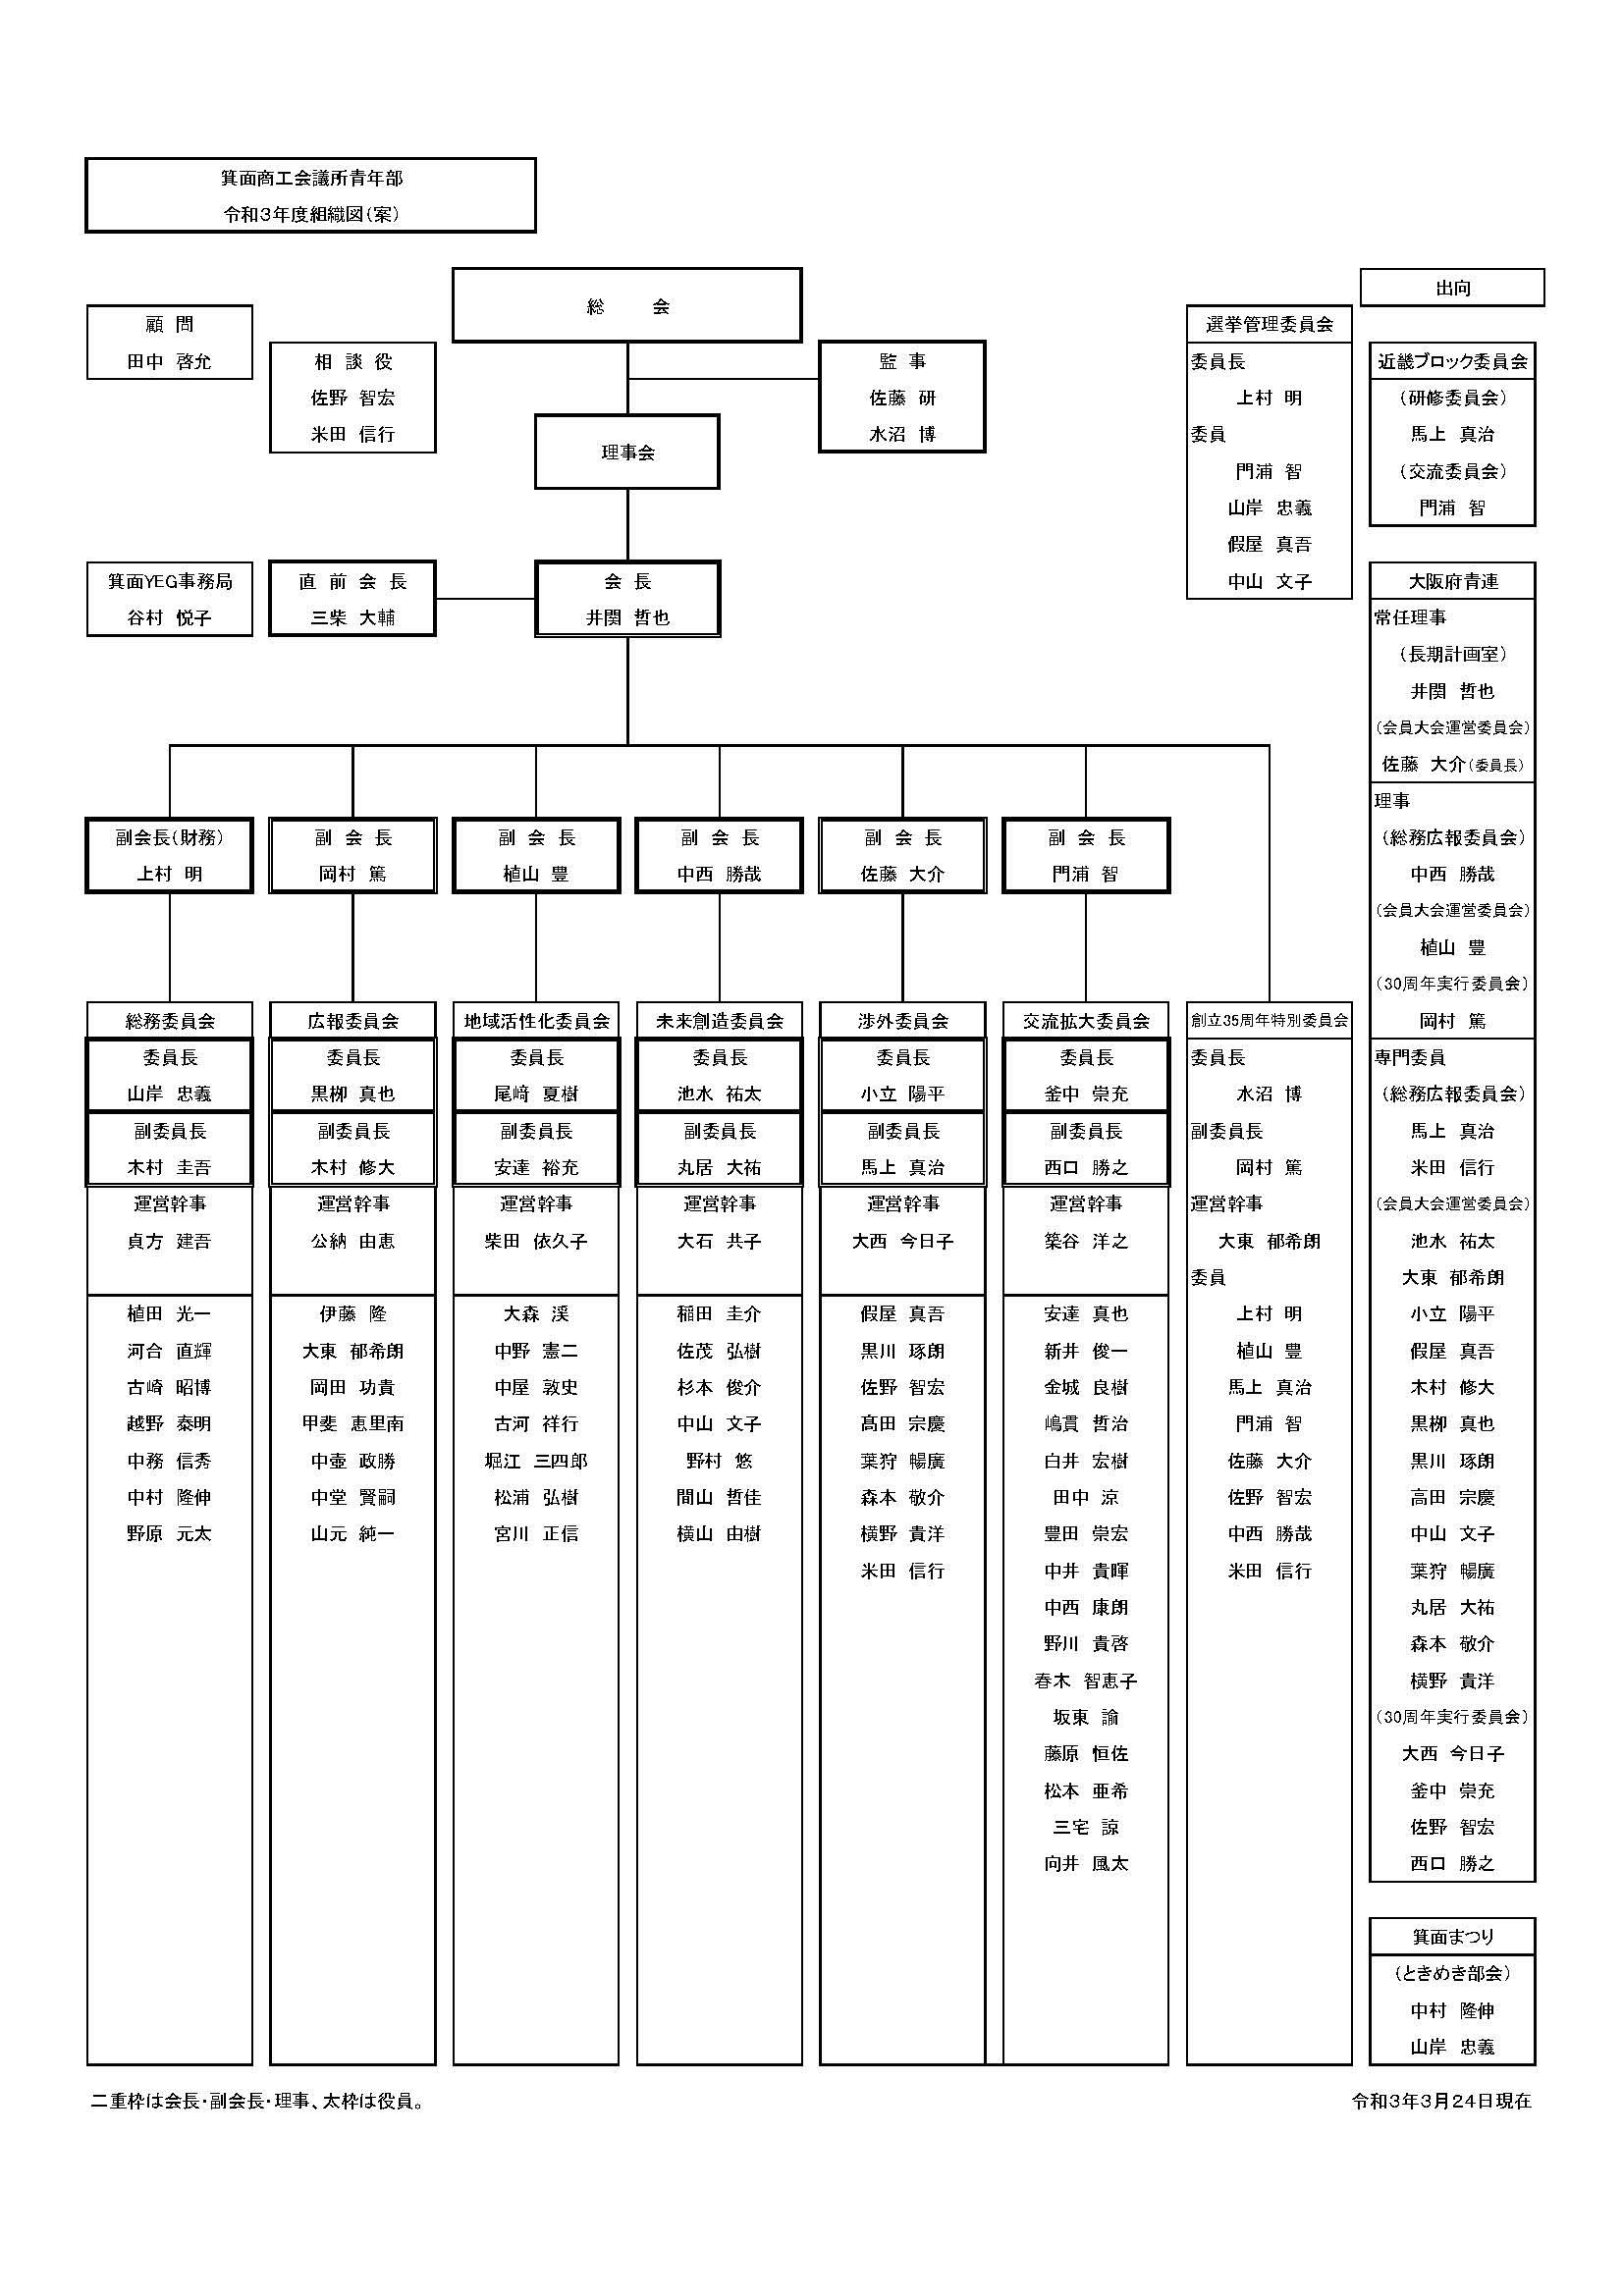 箕面YEG令和3年度組織図